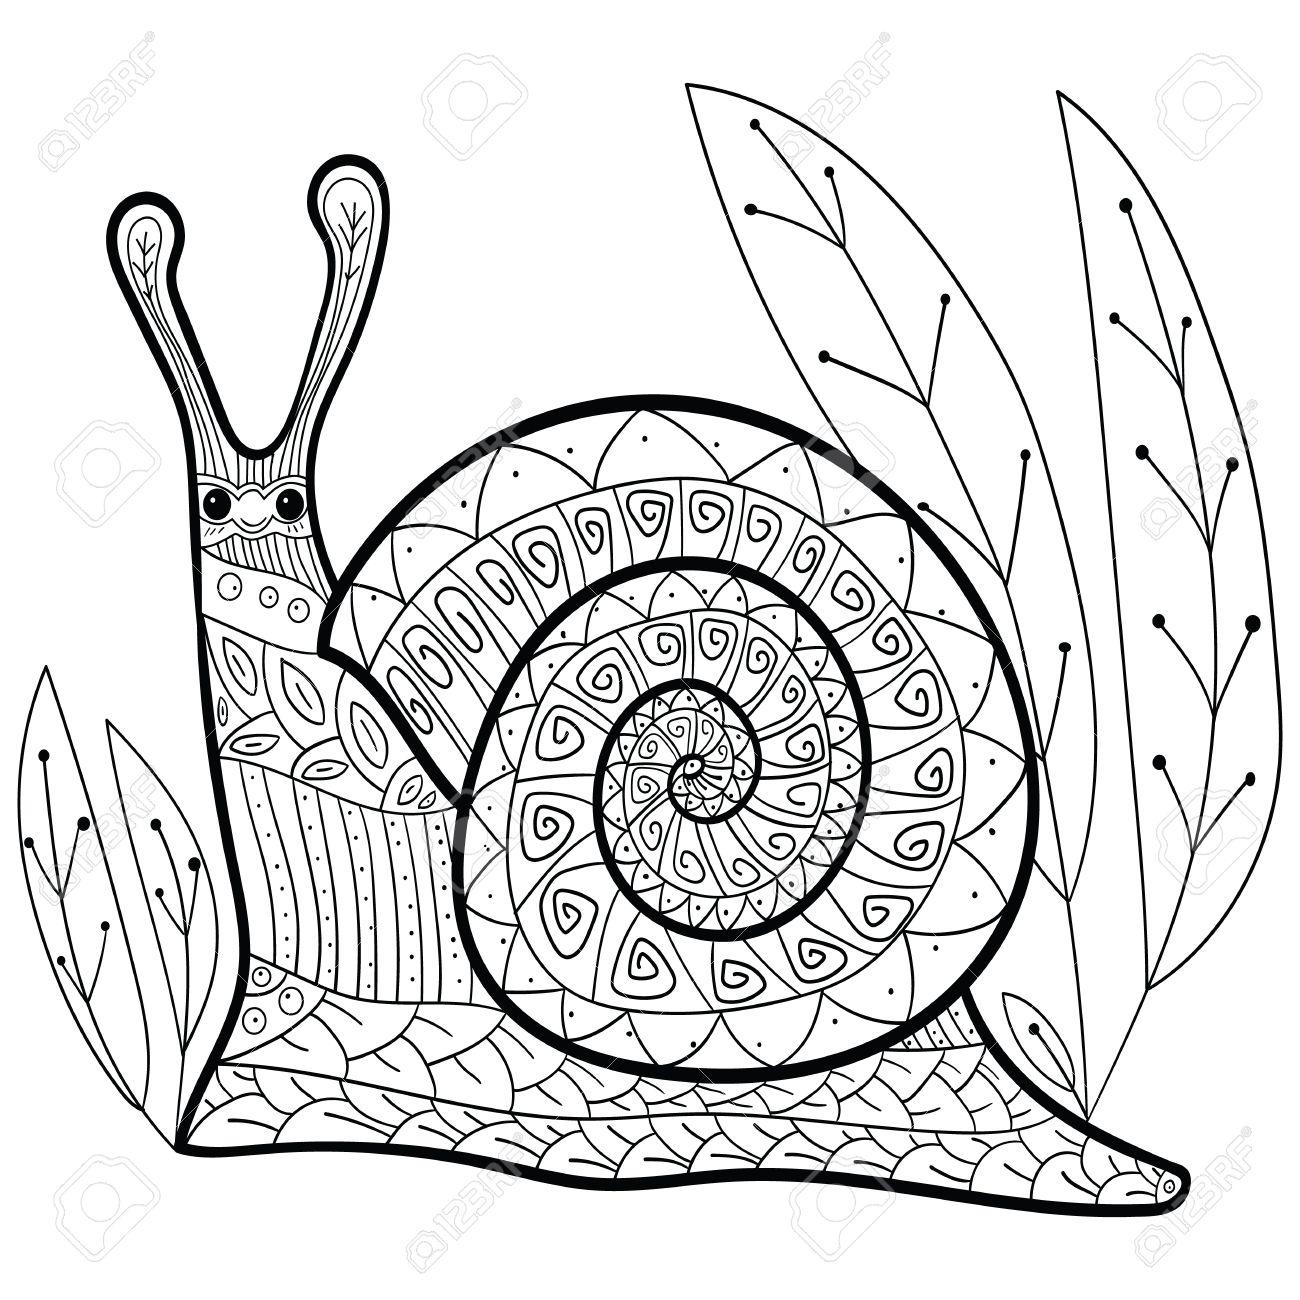 Mignon Page De Livre De Coloriage Escargot Adulte Escargot Sourire Heureux Dans La Foret Art De La Ligne Luxurieuse Illustration Vectorielle Clip Art Libres De Droits Vecteurs Et Illustration Image 57990695